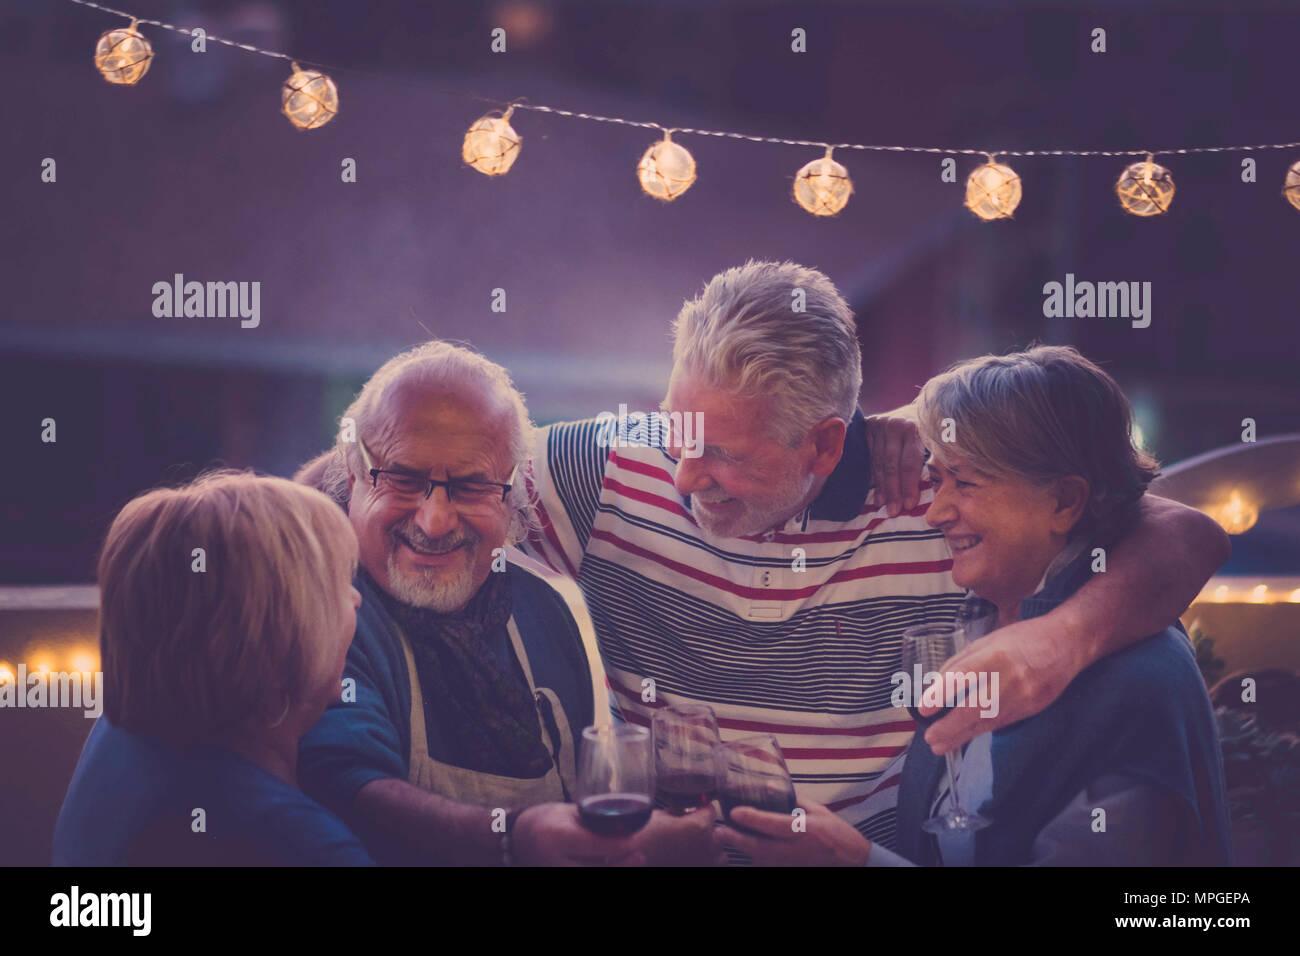 Focus sull'uomo. gruppo di anziani di età adulta facendo parte della notte sul tetto di casa. abbraccio tutti insieme e sorridere e ridere per un attività di nizza Immagini Stock